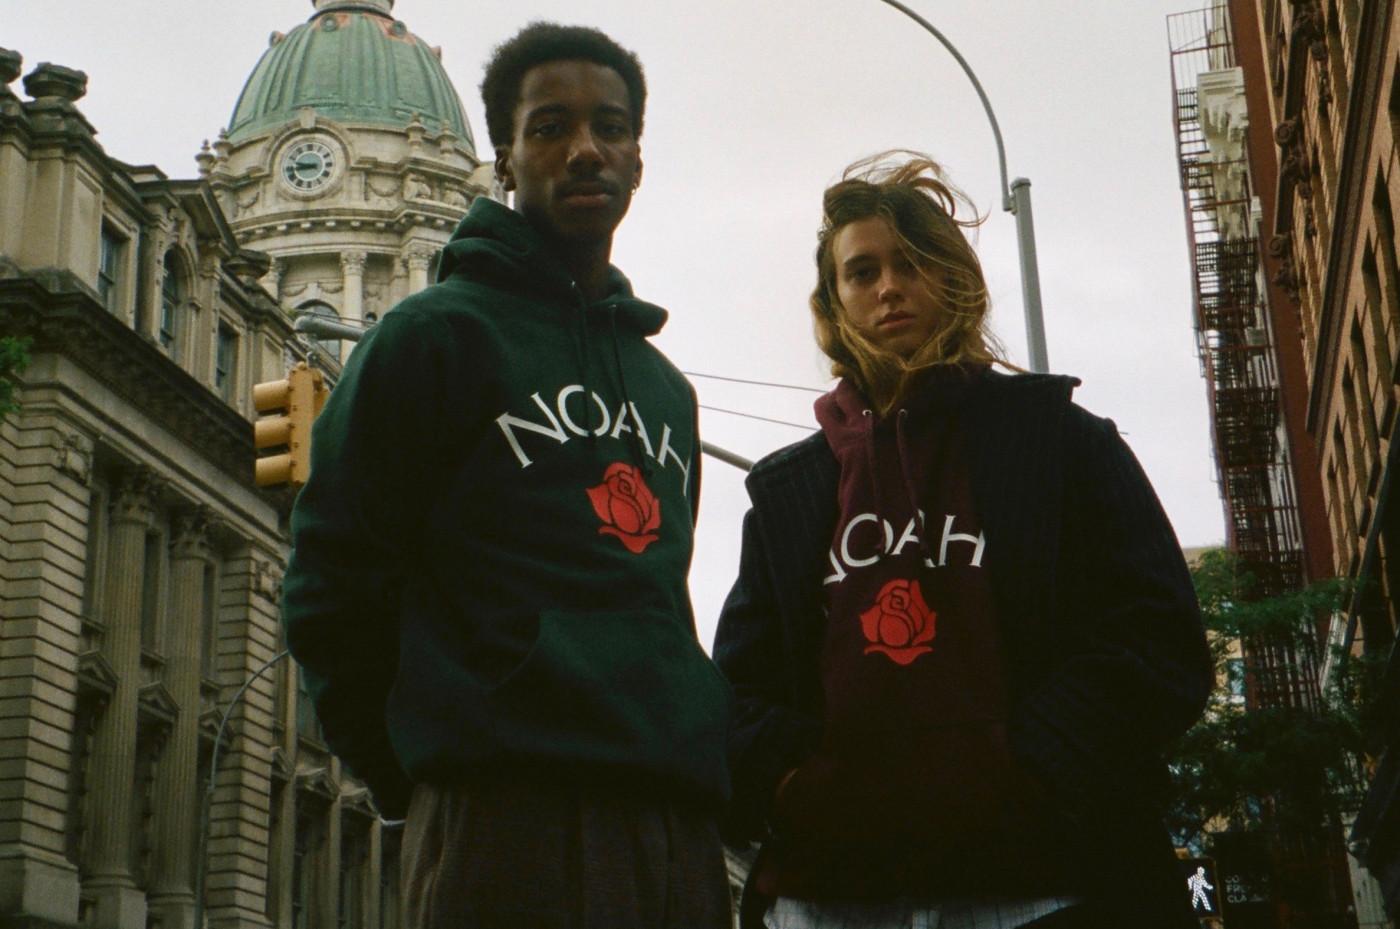 Noah Rose Logo Hoodies